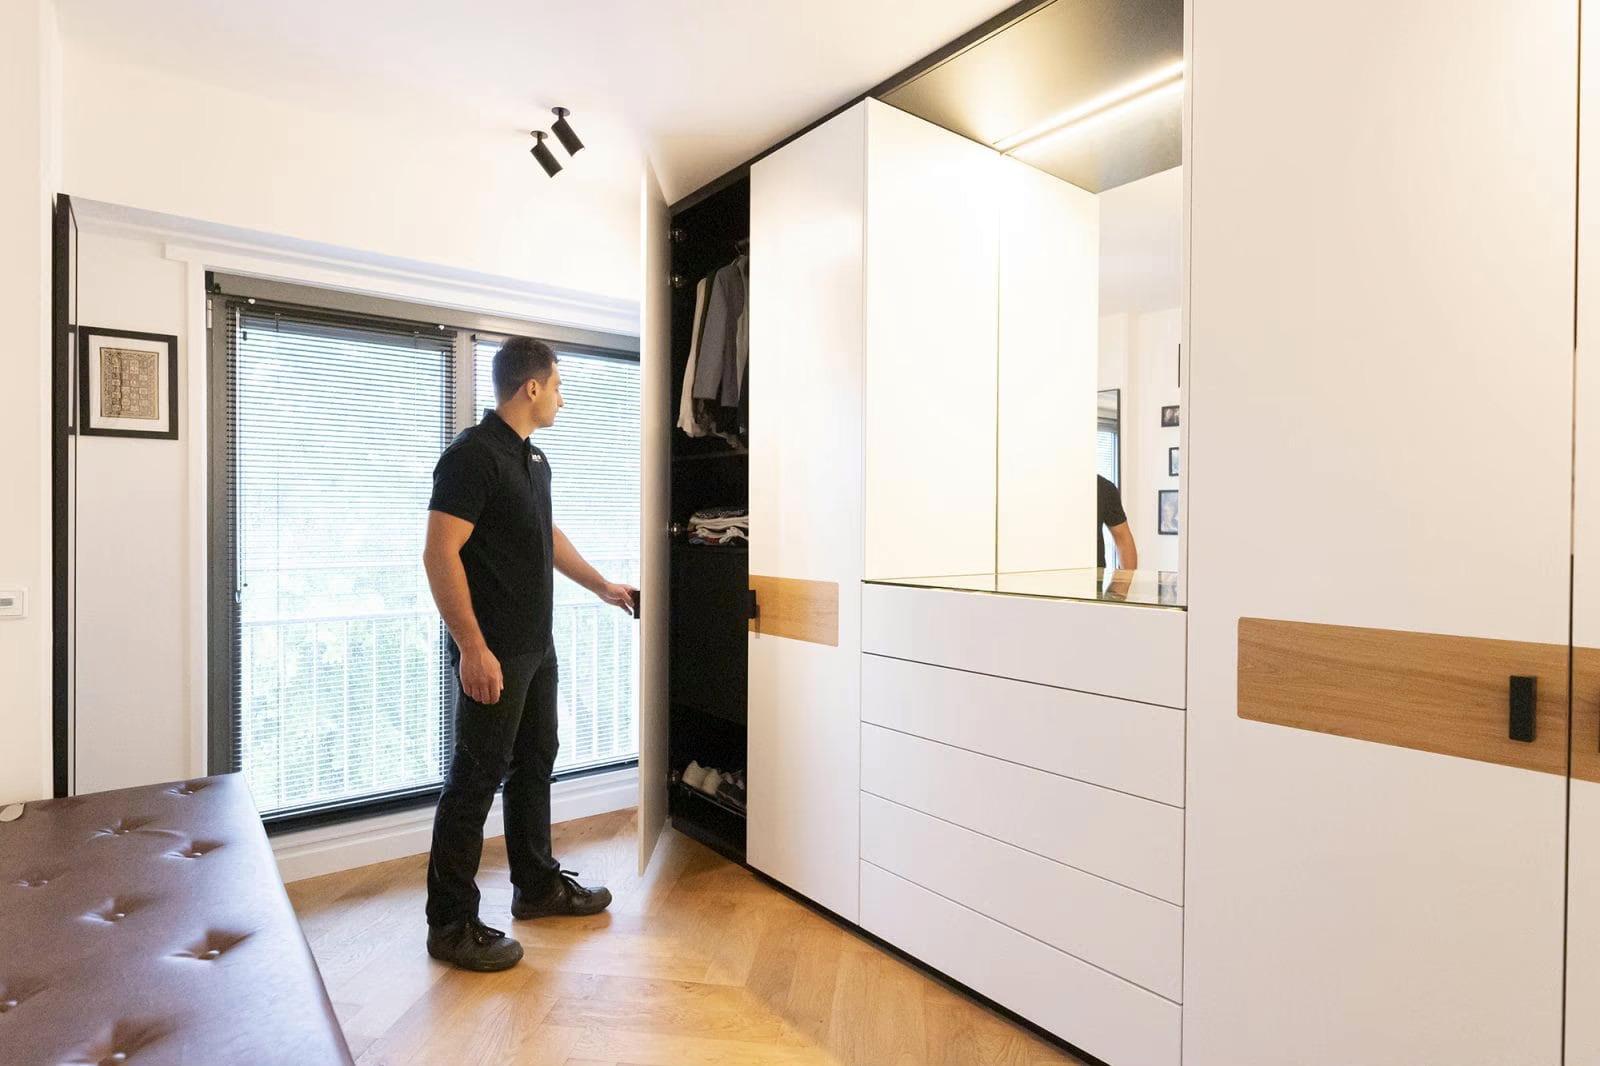 Garderobe op maat gemaakt door meubelmakers in Vlaardingen en omgeving